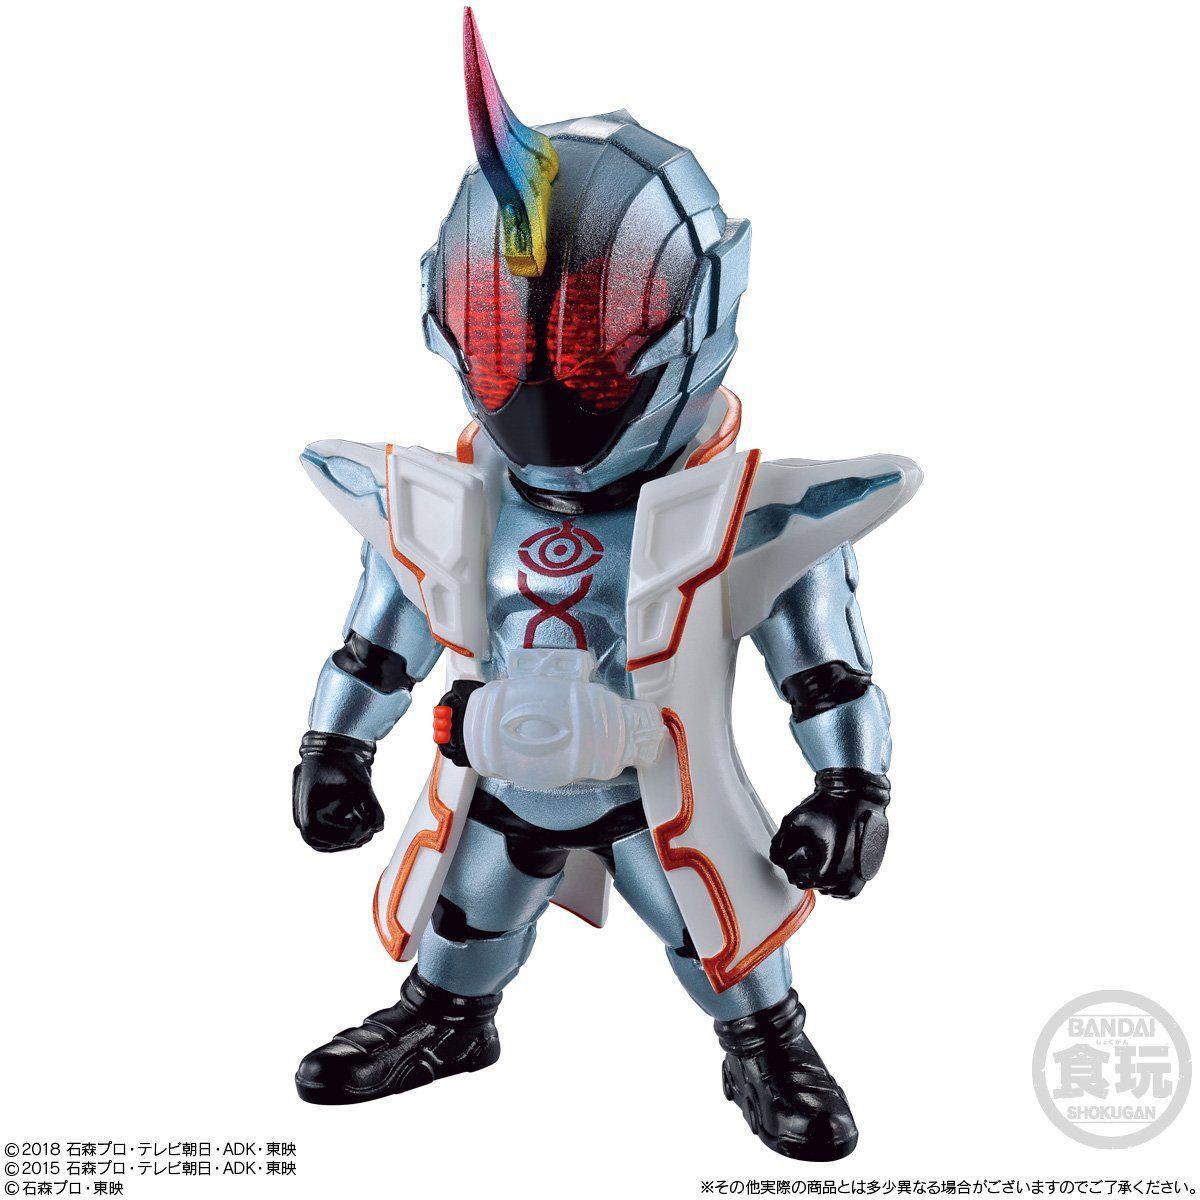 【食玩】コンバージ仮面ライダー『CONVERGE KAMEN RIDER 13』10個入りBOX-004